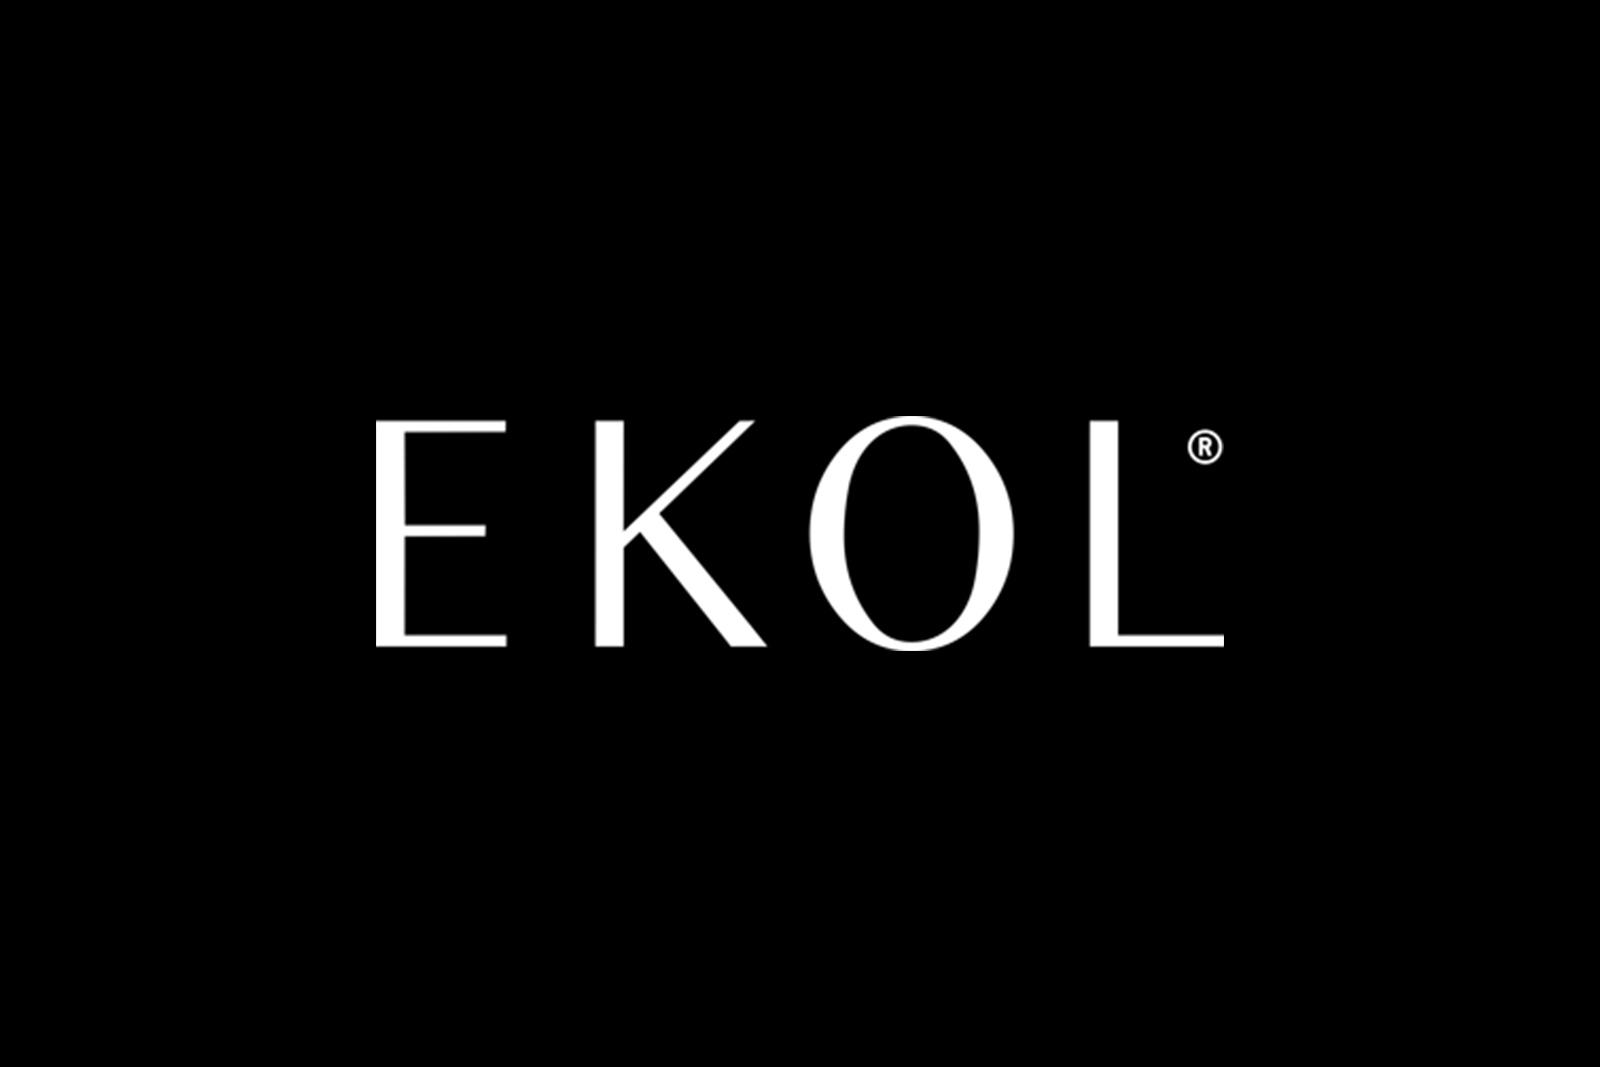 ekol-bg